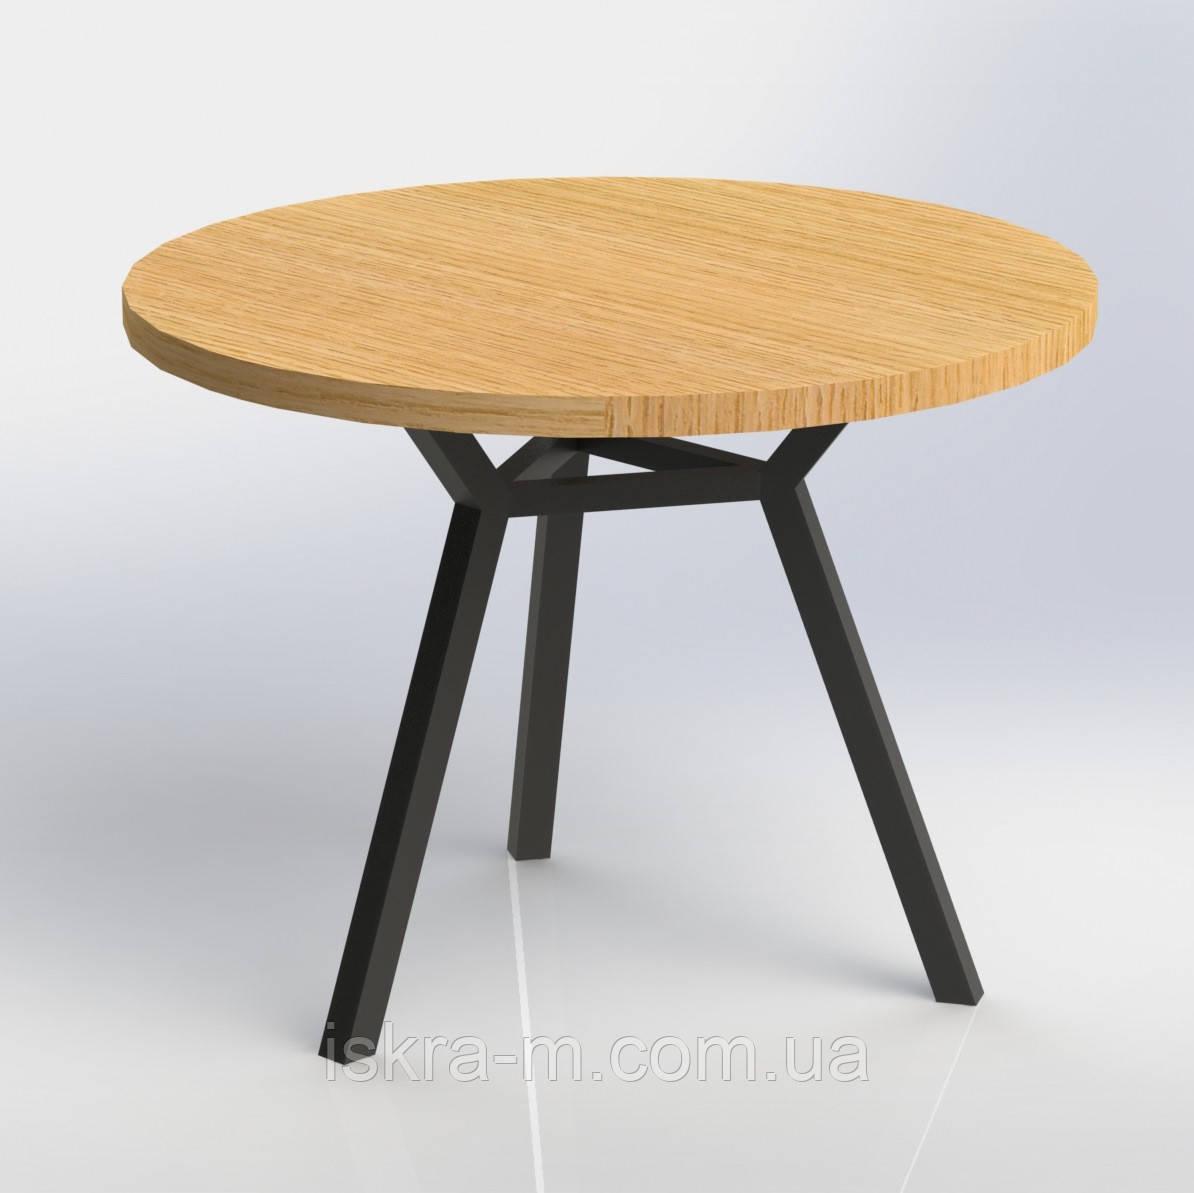 Стол обеденный круглый лофт